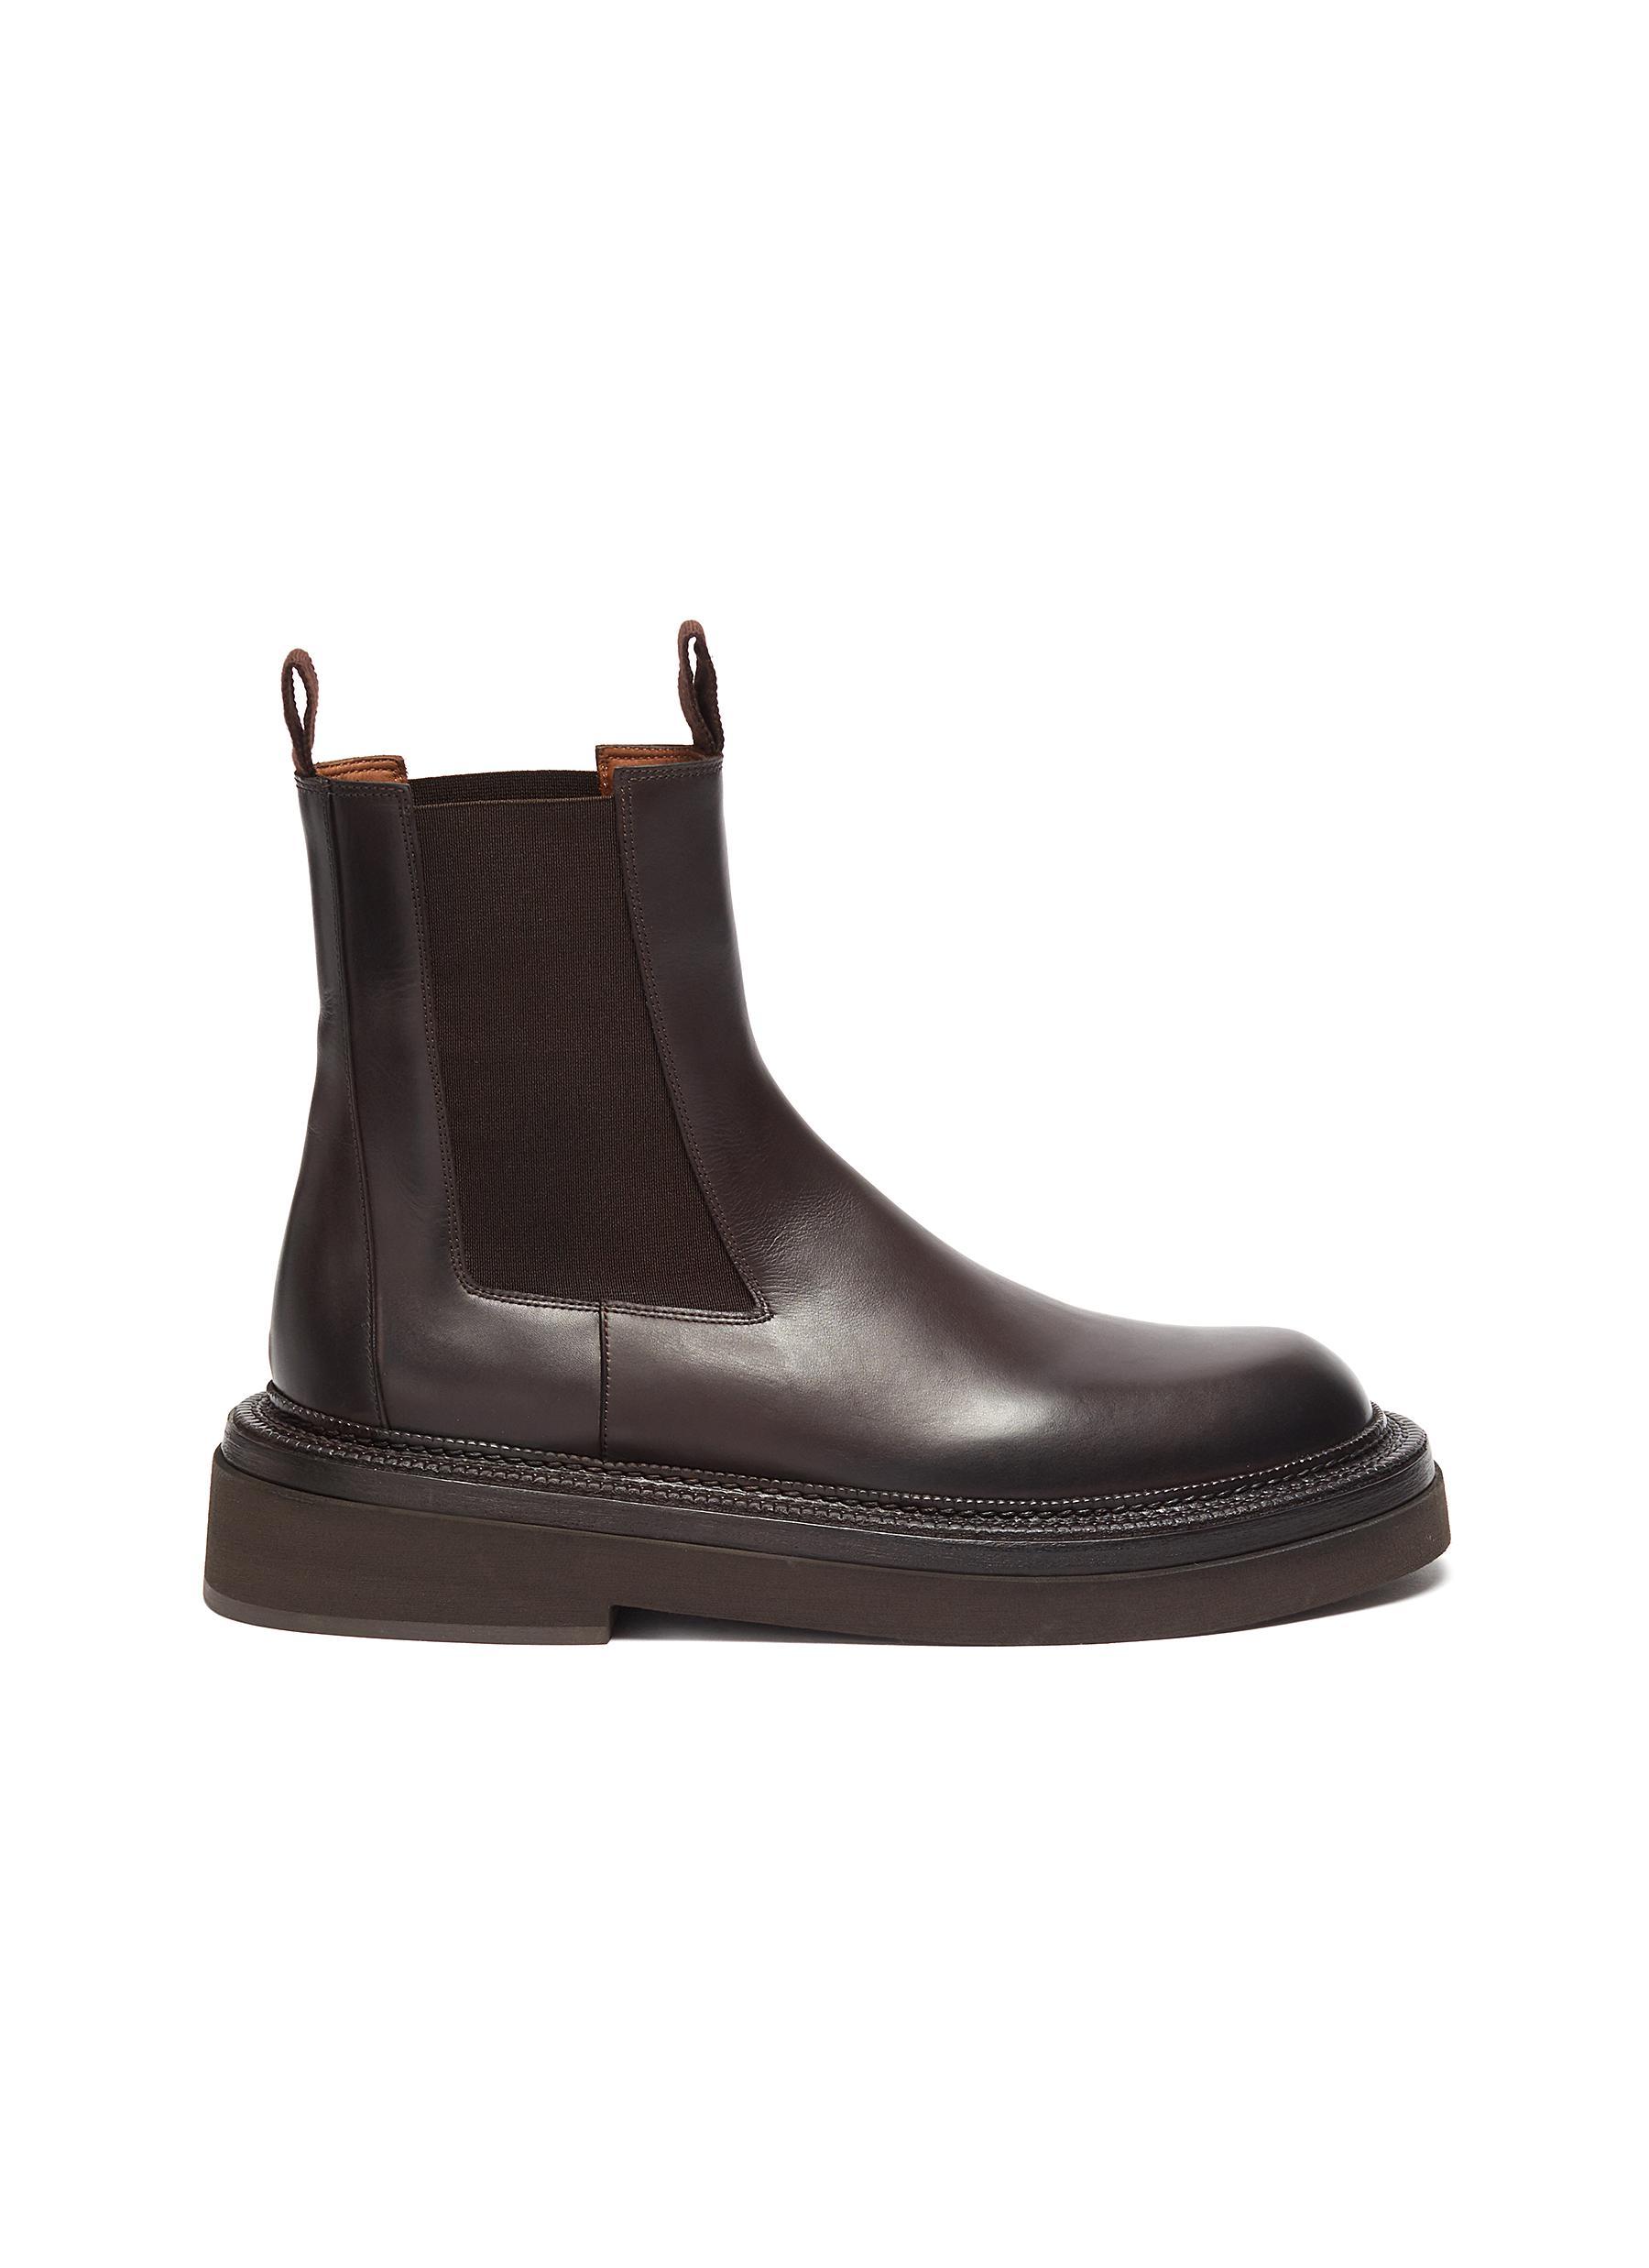 Pollicione Leather Chelsea Boot - MARSÈLL - Modalova